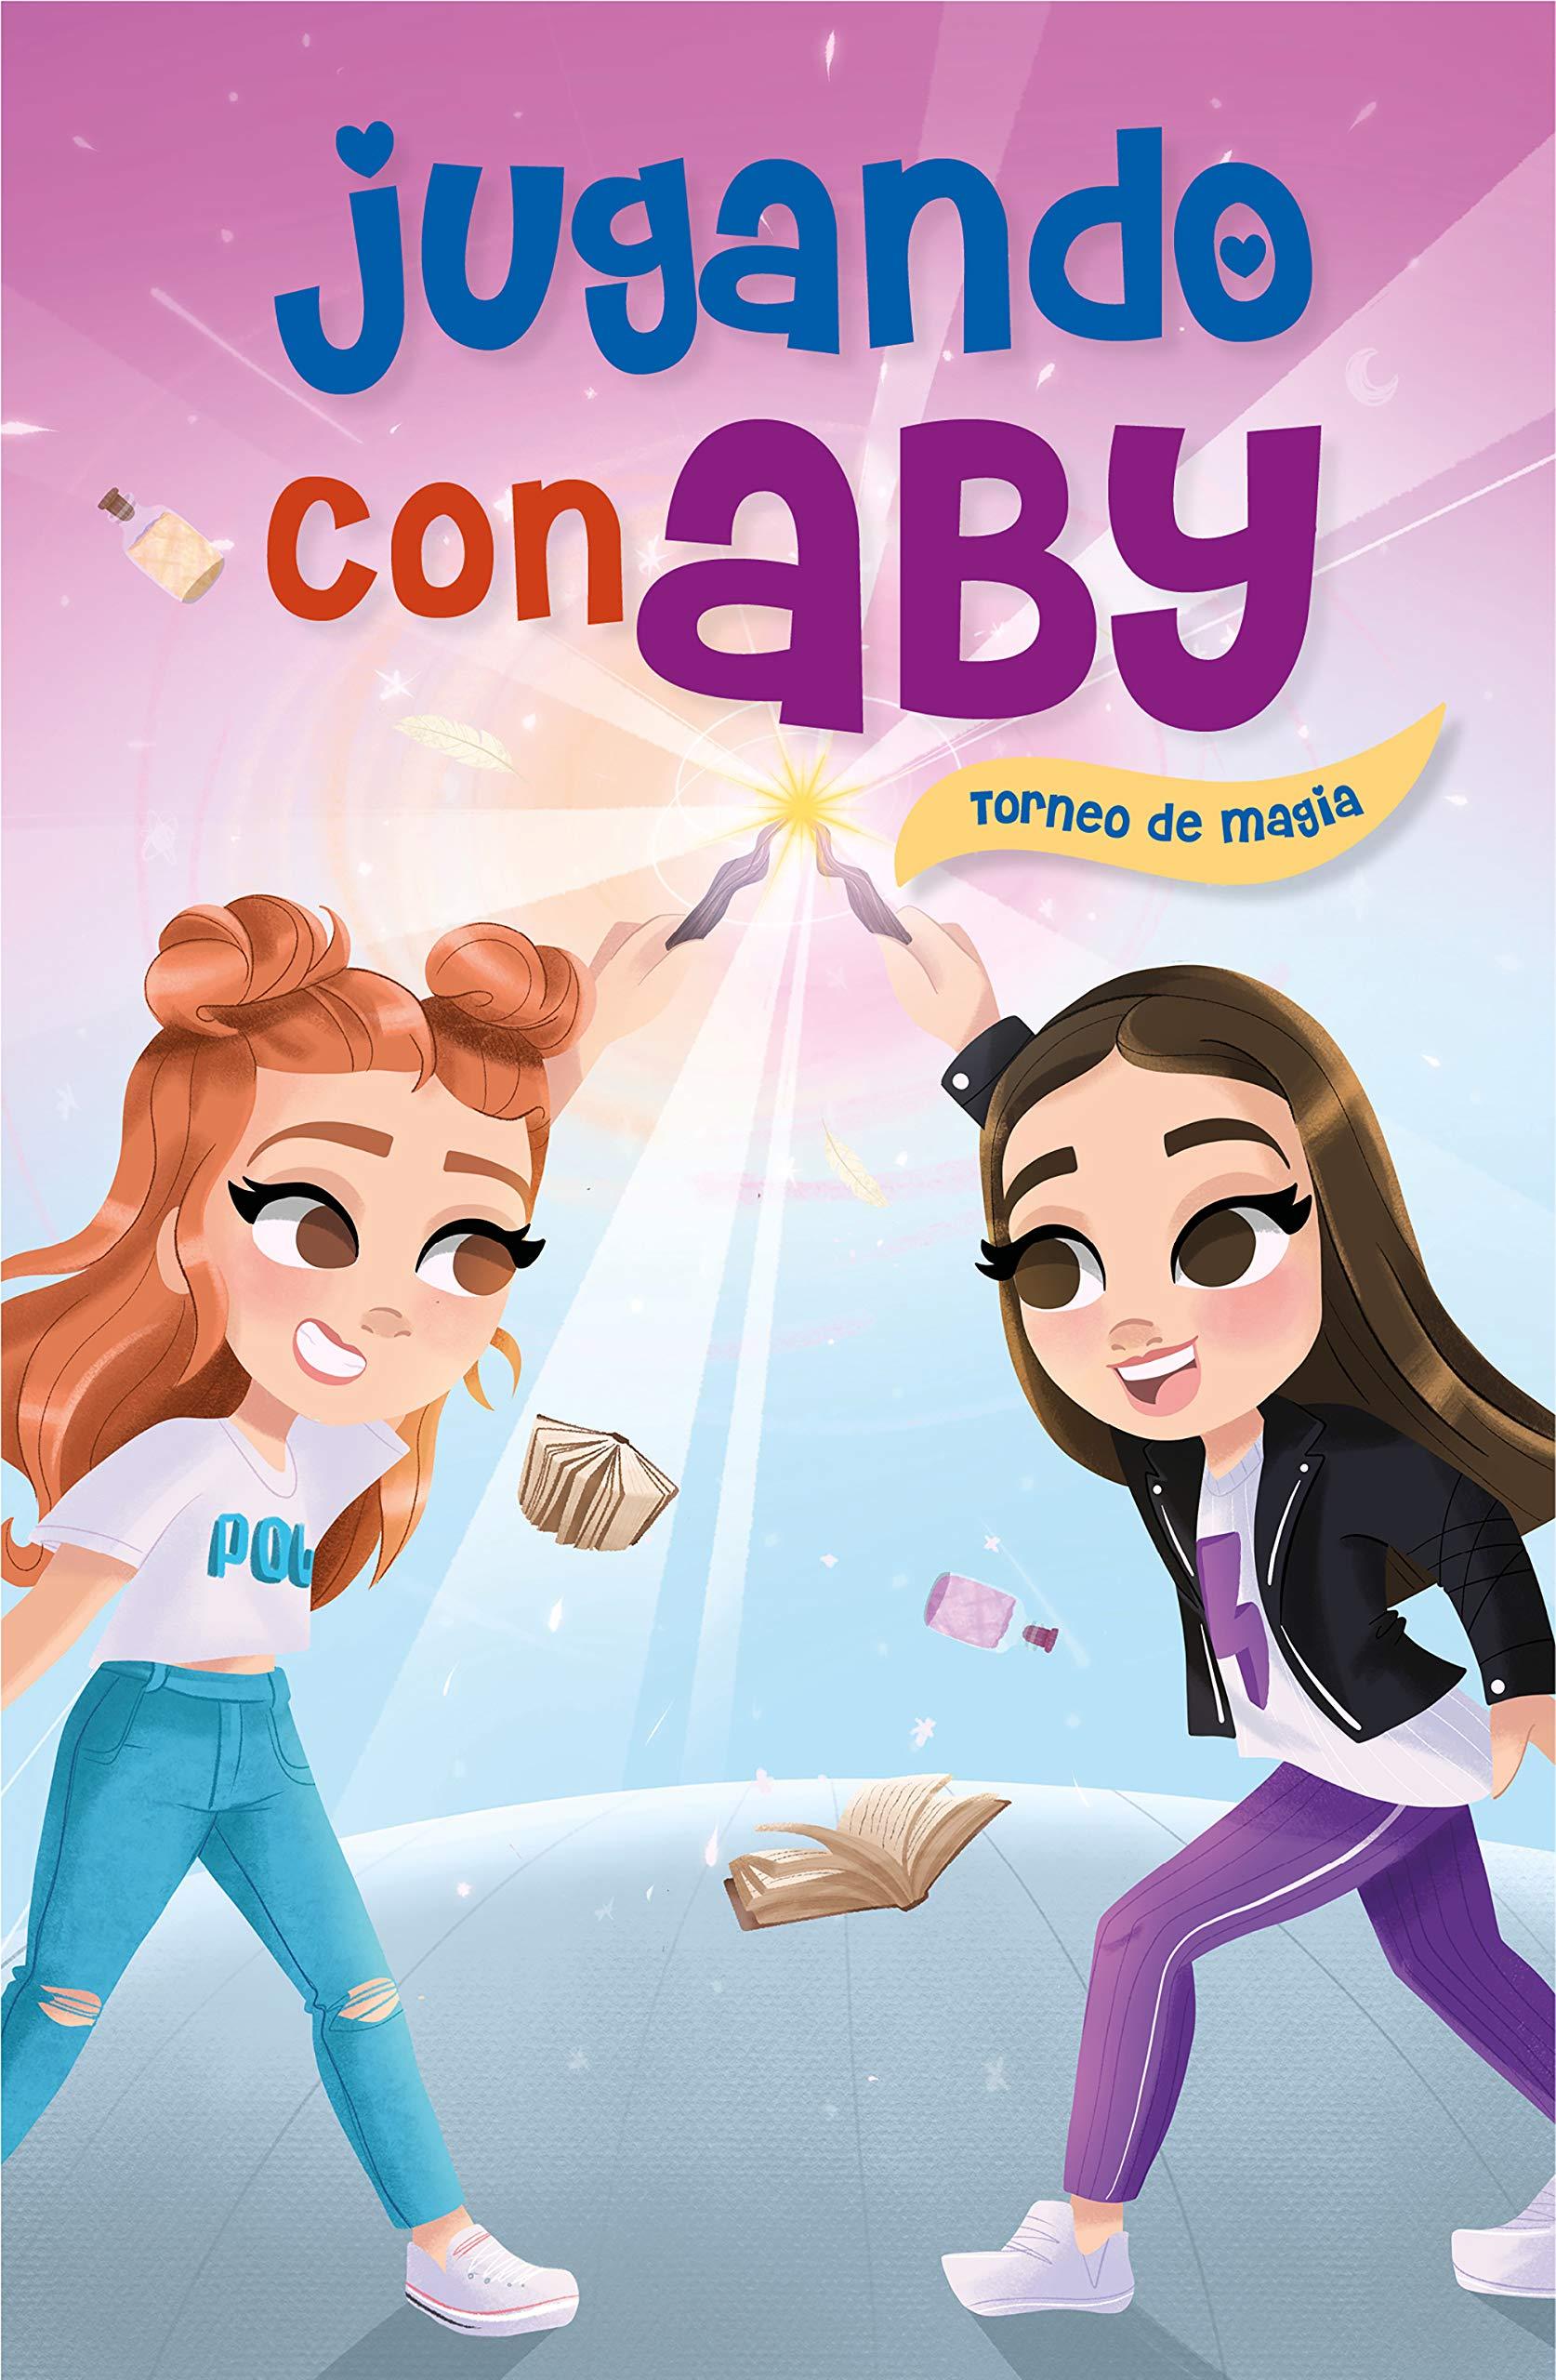 Torneo De Magia Jugando Con Aby 2 Amazon Es Jugando Con Aby Libros